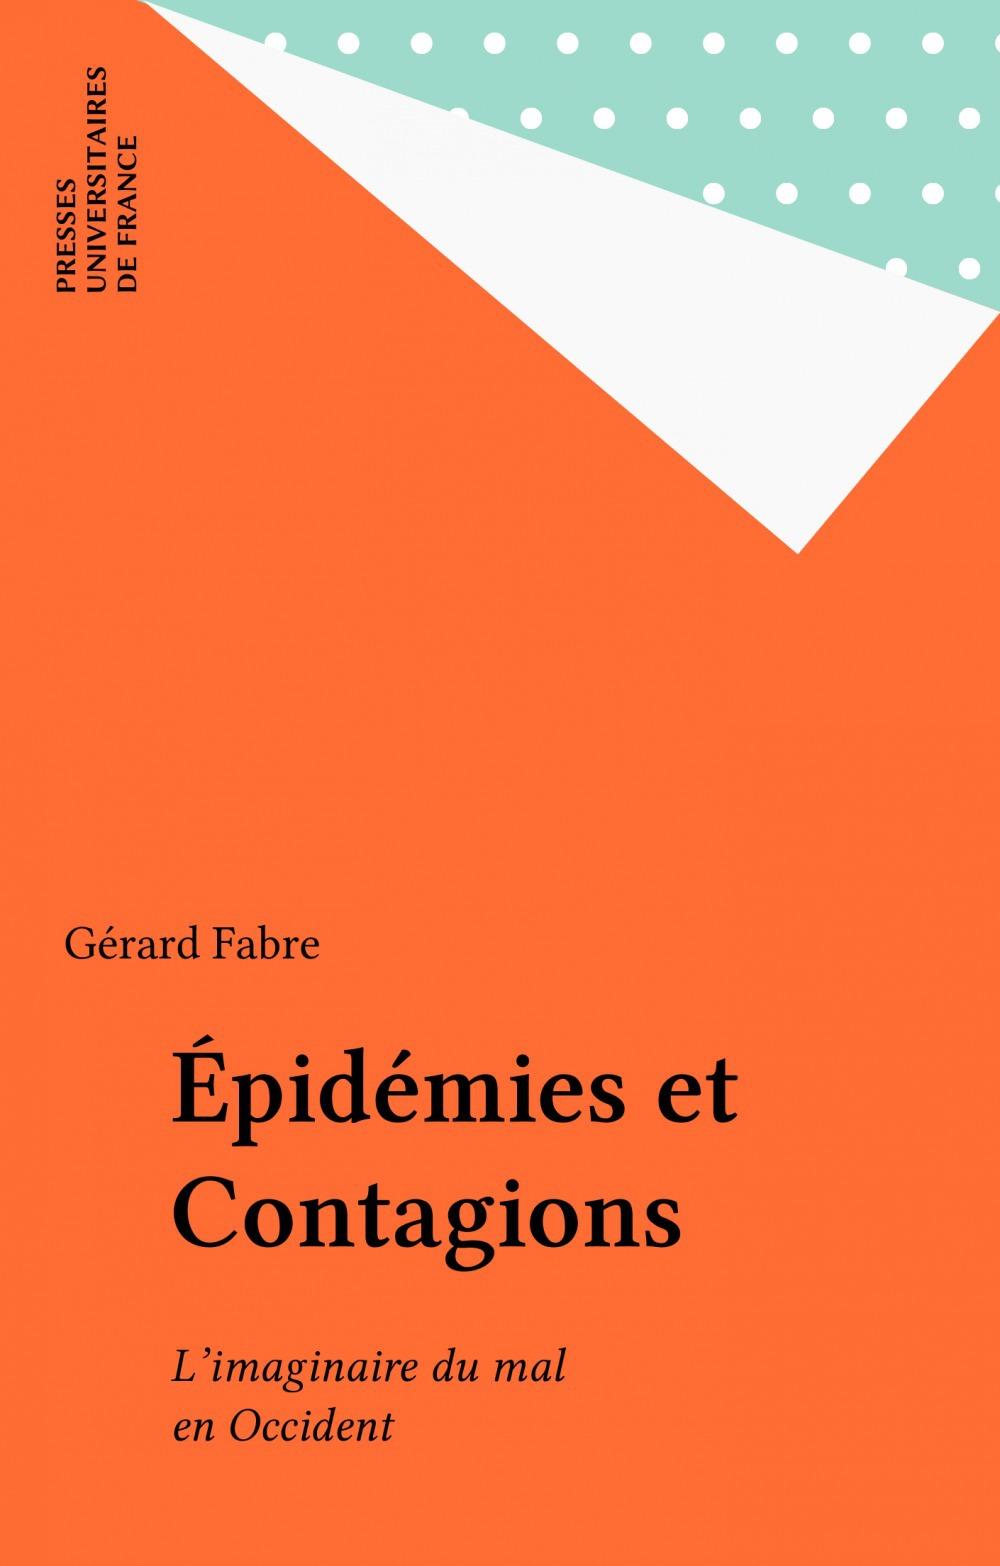 Epidemies et contagions - l'imginaire du mal en occident